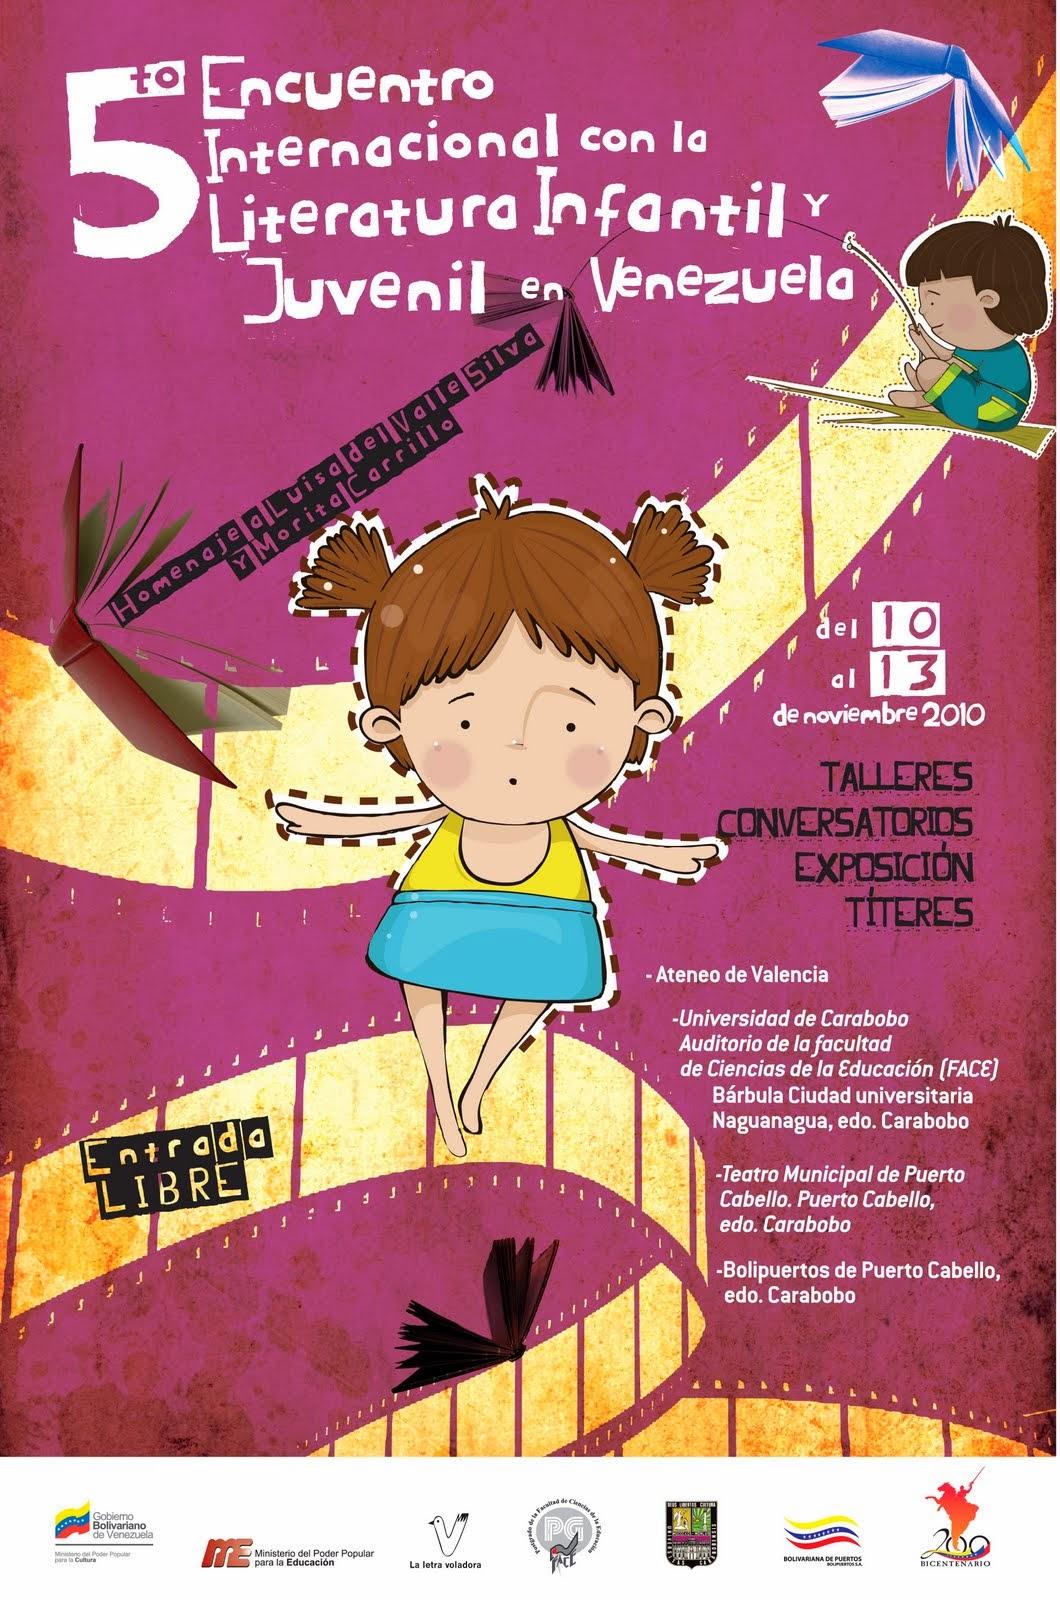 5to Encuentro Internacional con la Literatura Infantil y Juvenil en Venezuela.